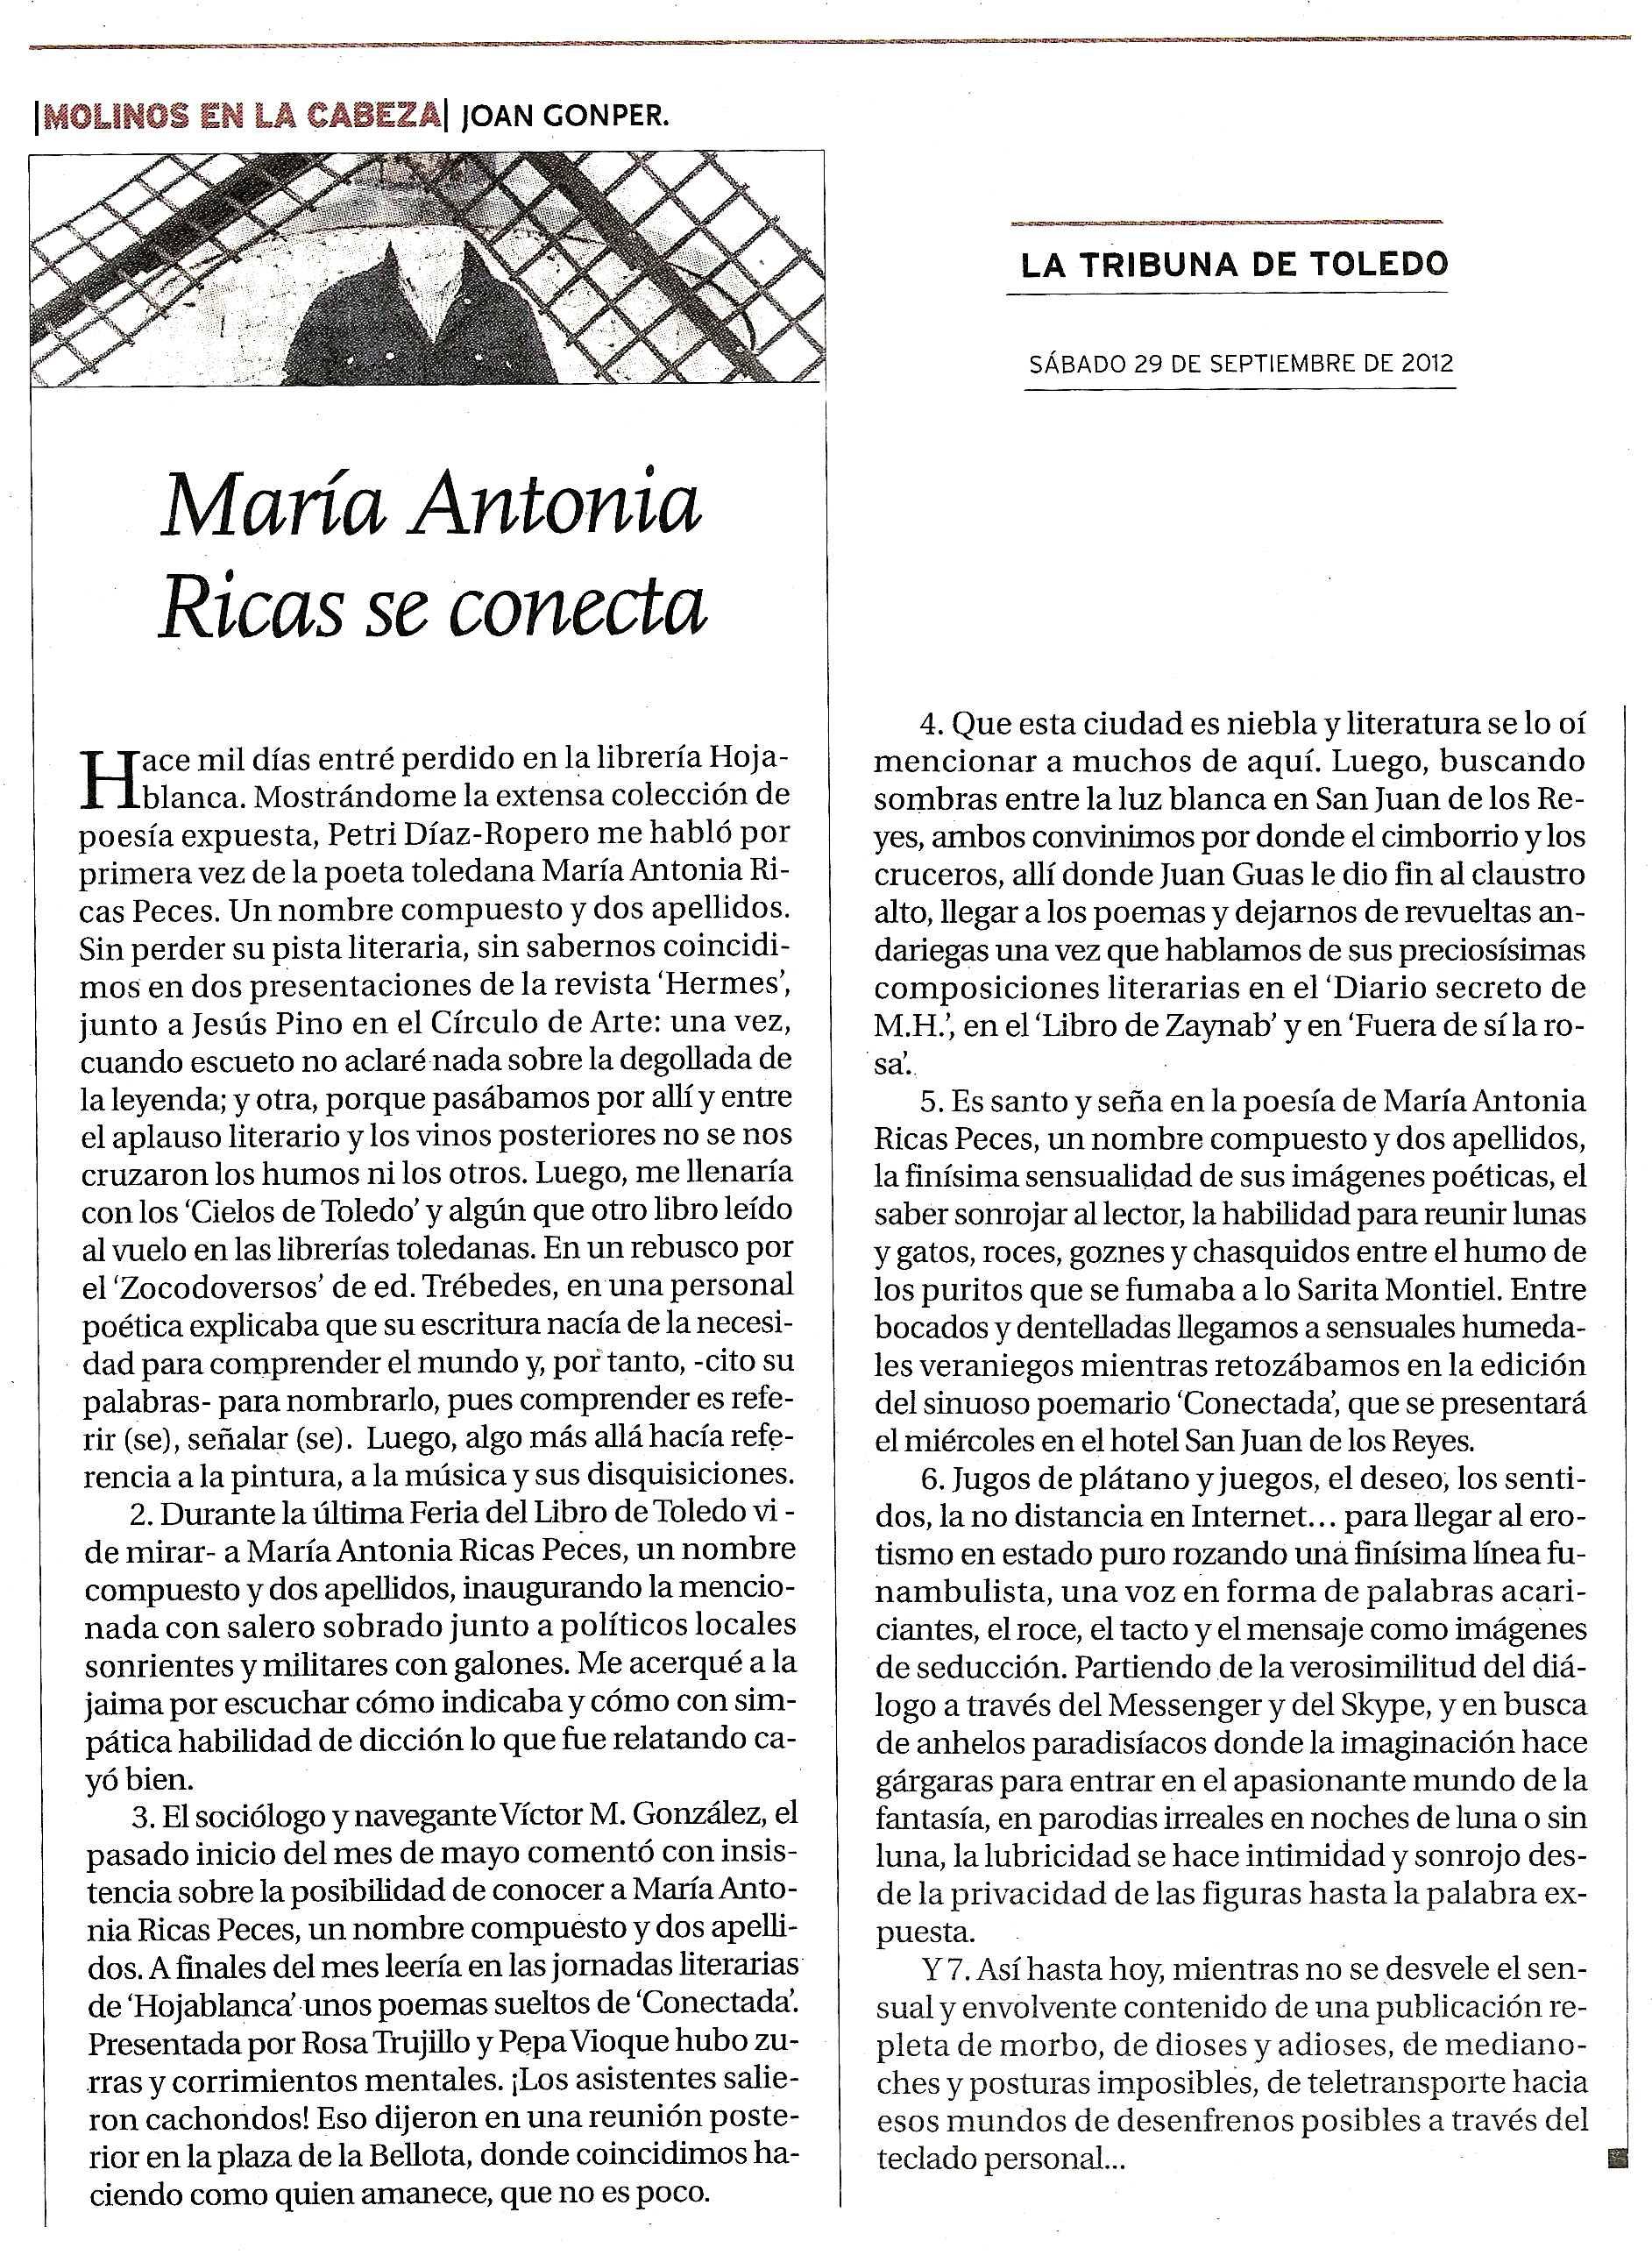 LA TRIBUNA DE TOLEDO : María Antonia Ricas se conecta.